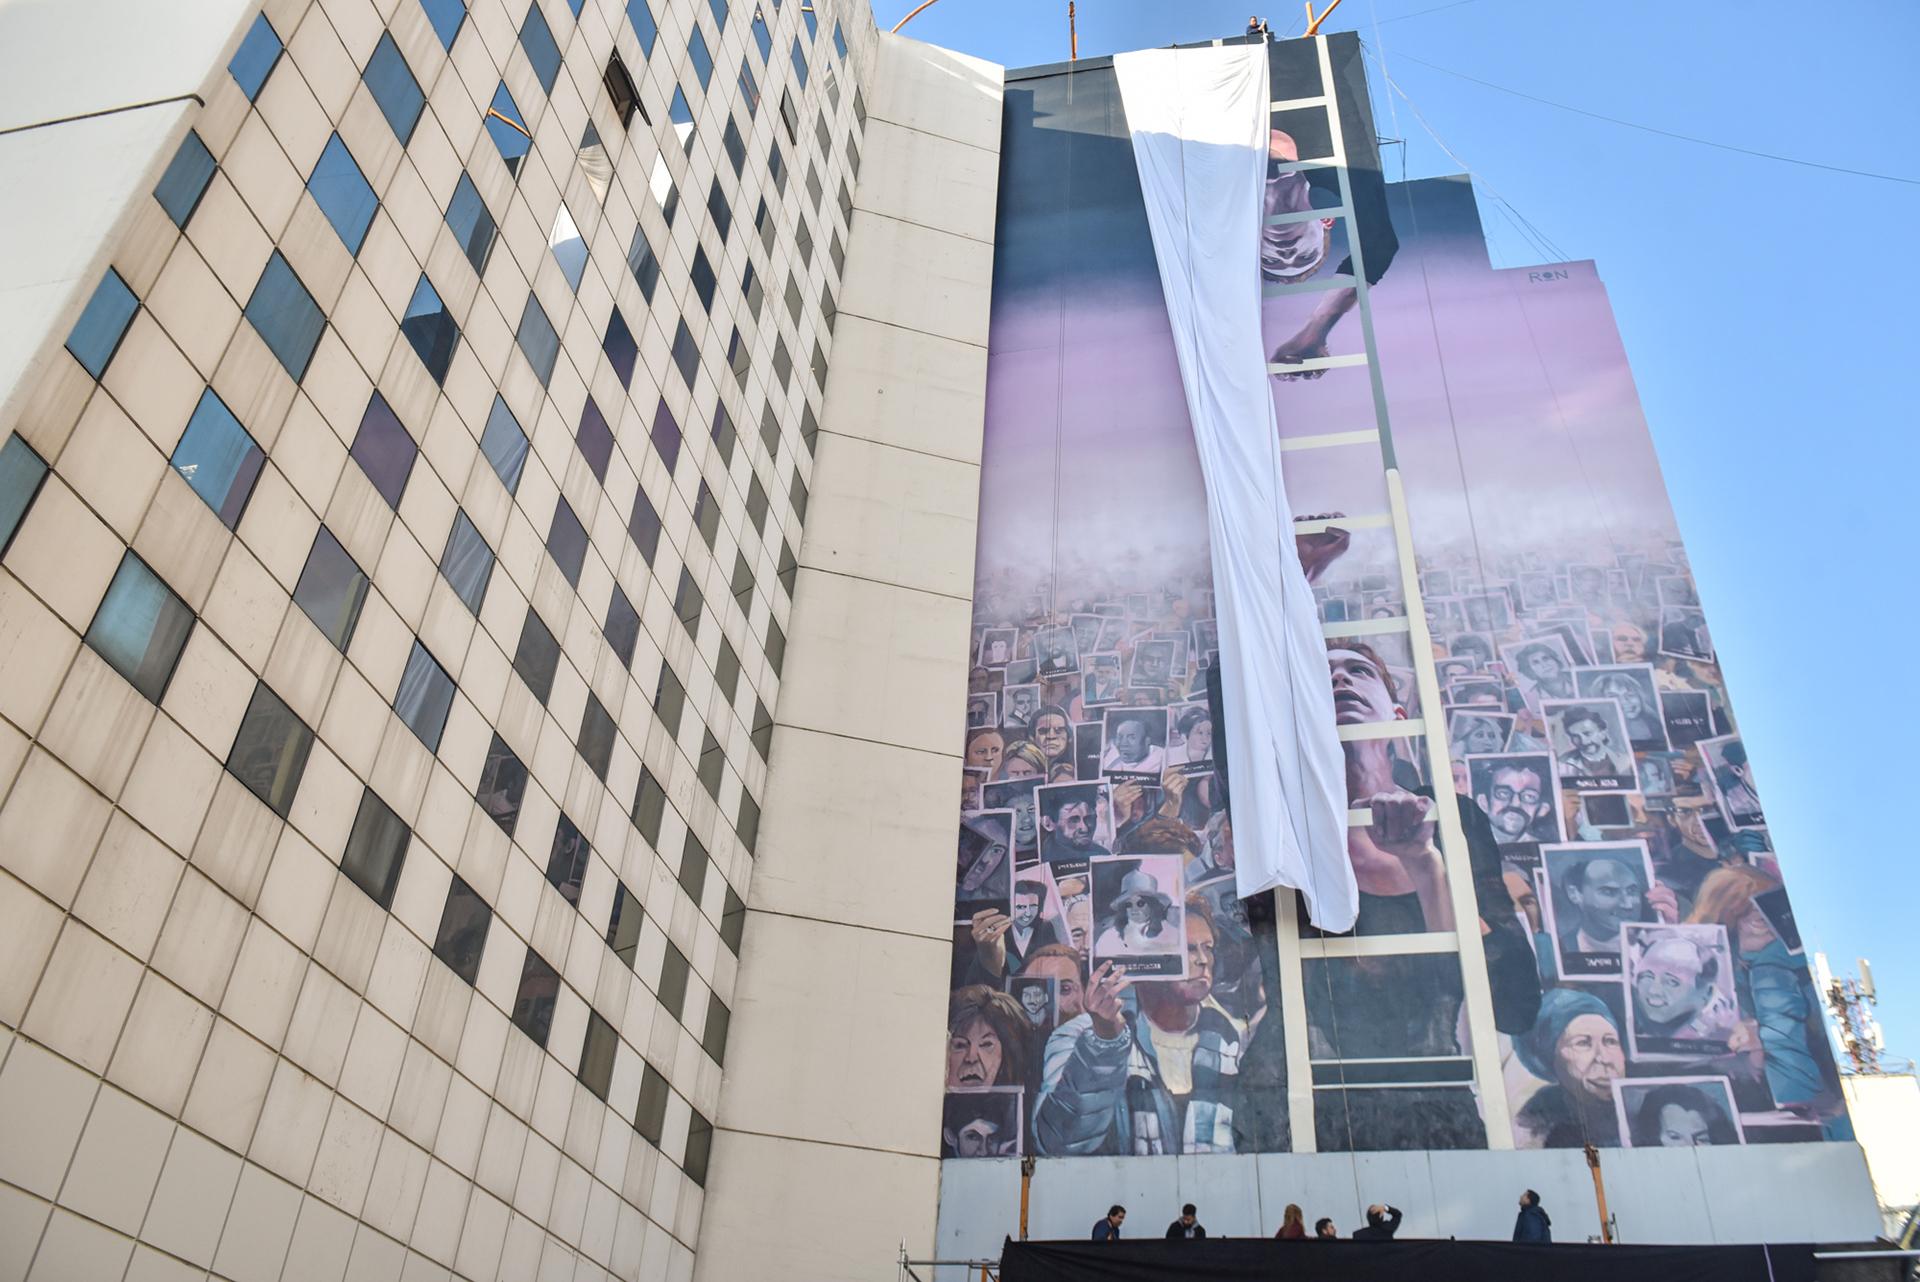 La gigantesca obra creada por el artista Martín Ron honra a las víctimas del ataque terrorista y apunta a renovar el pedido de justicia